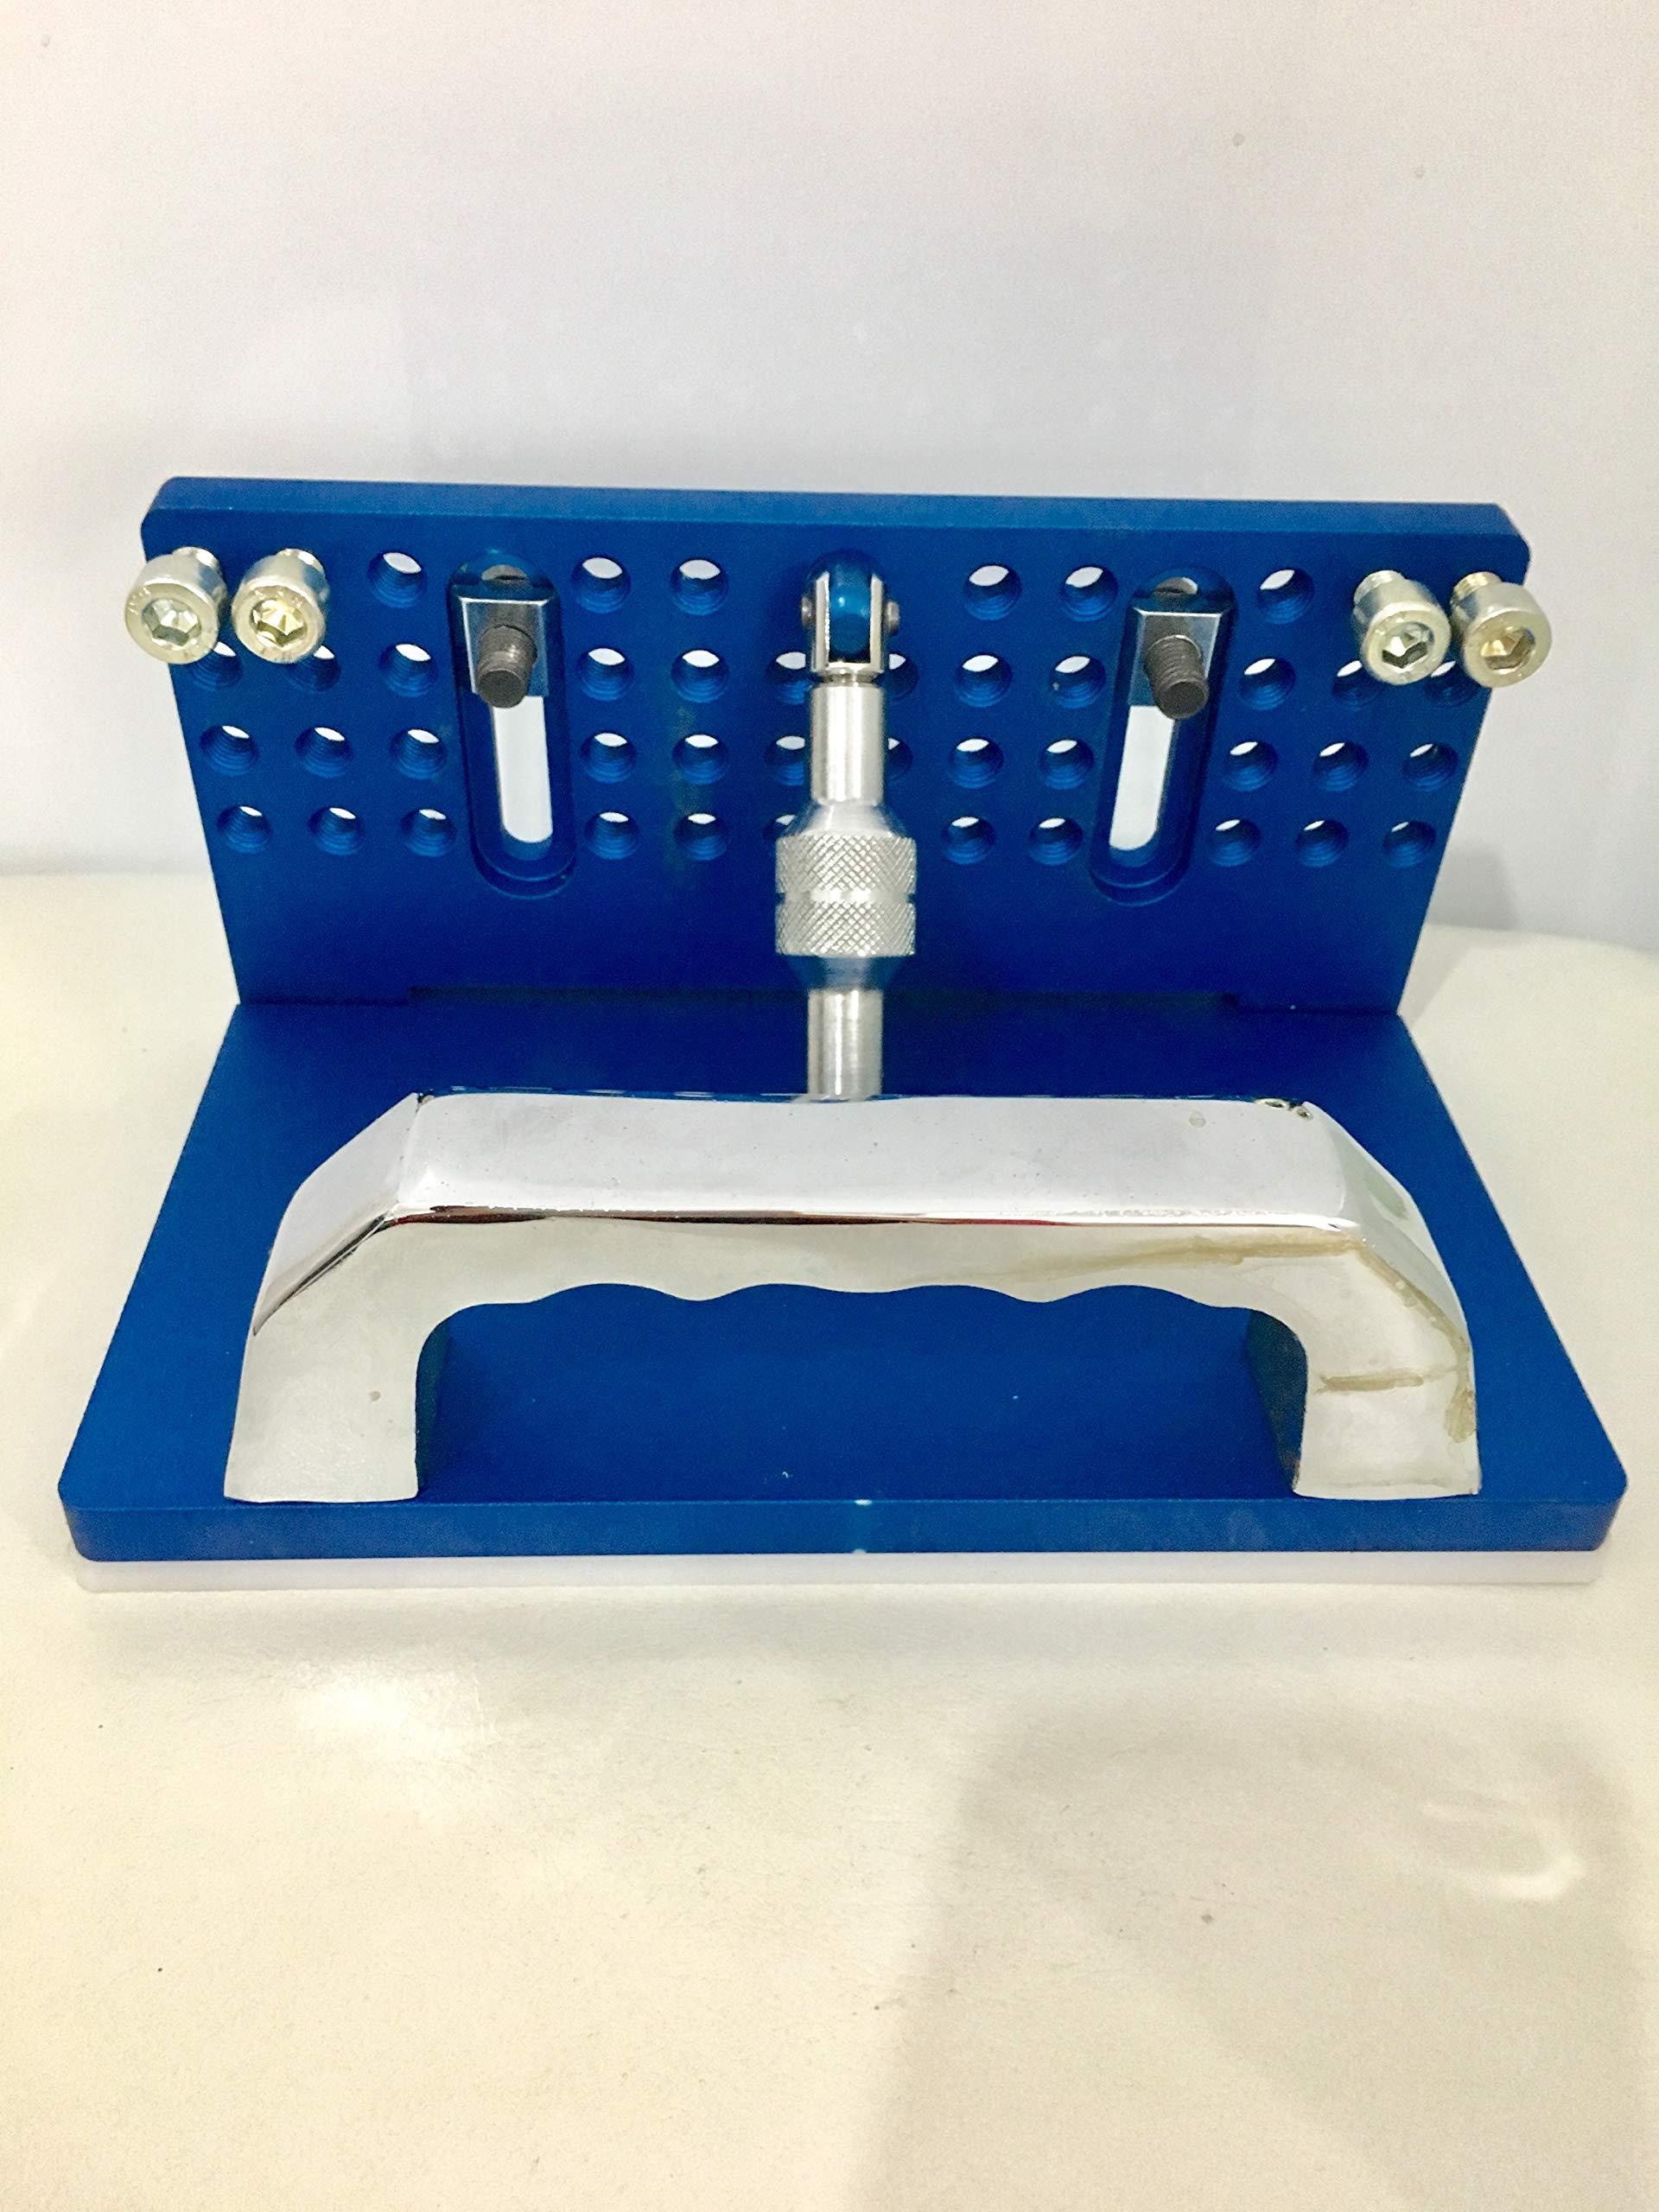 TR Maker Belt Grinder Professional Knife Jig, Knife Sharpener (Blue)